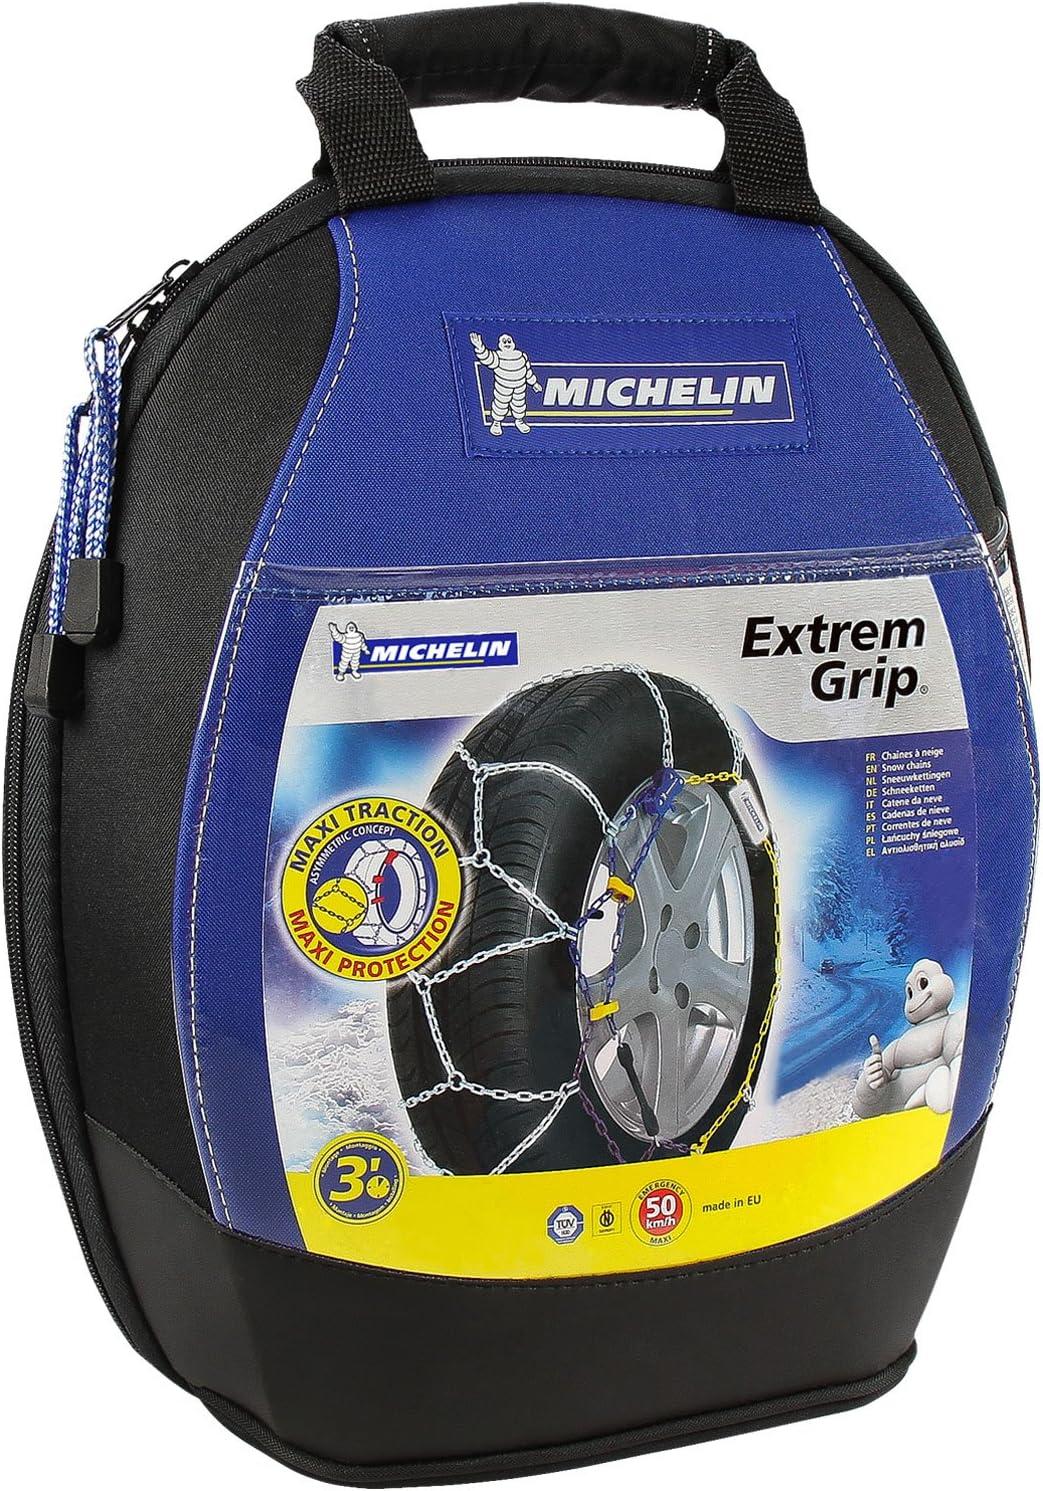 certifi/ées T/ÜV//GS et /ÖNORM Michelin 92307 Cha/înes /à neige M1 avec syst/ème Extrem Grip 59 2 pi/èces compatibles ABS et ESP